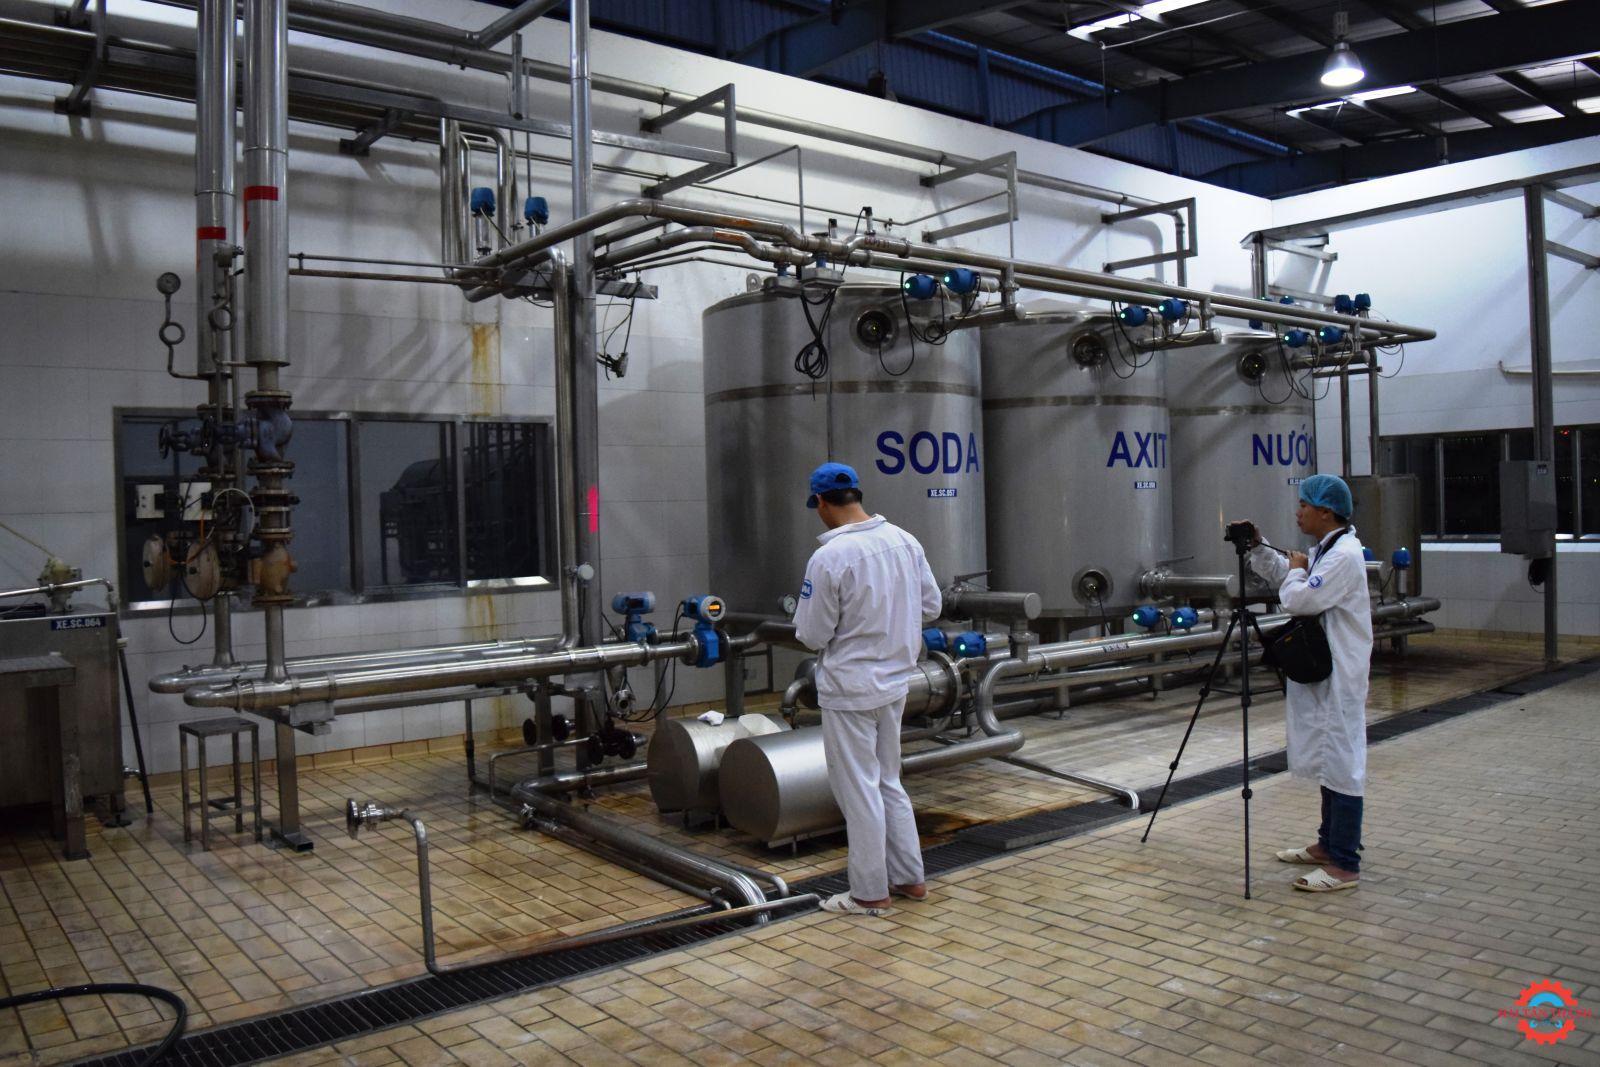 Gia công bồn chứa inox chất lượng đạt chuẩn cho các doanh nghiệp tại quận 2